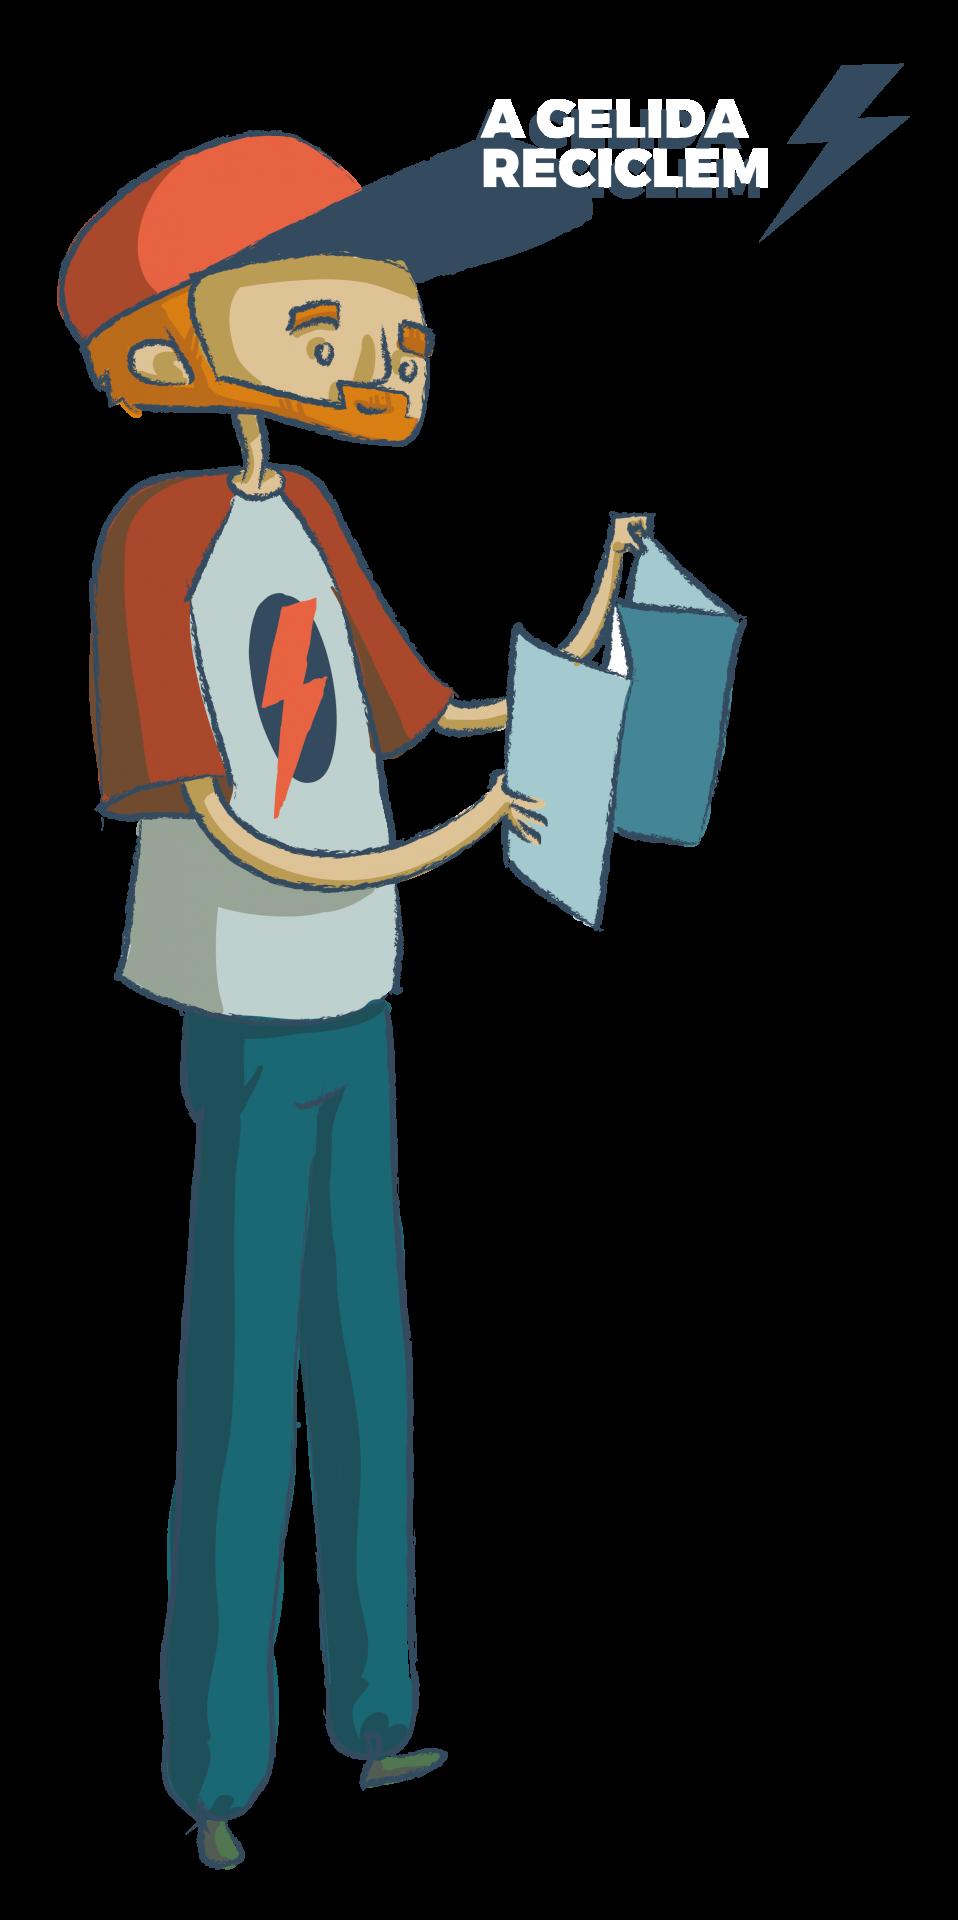 El Sr. Ramon és el personatge dels contenidors de paper